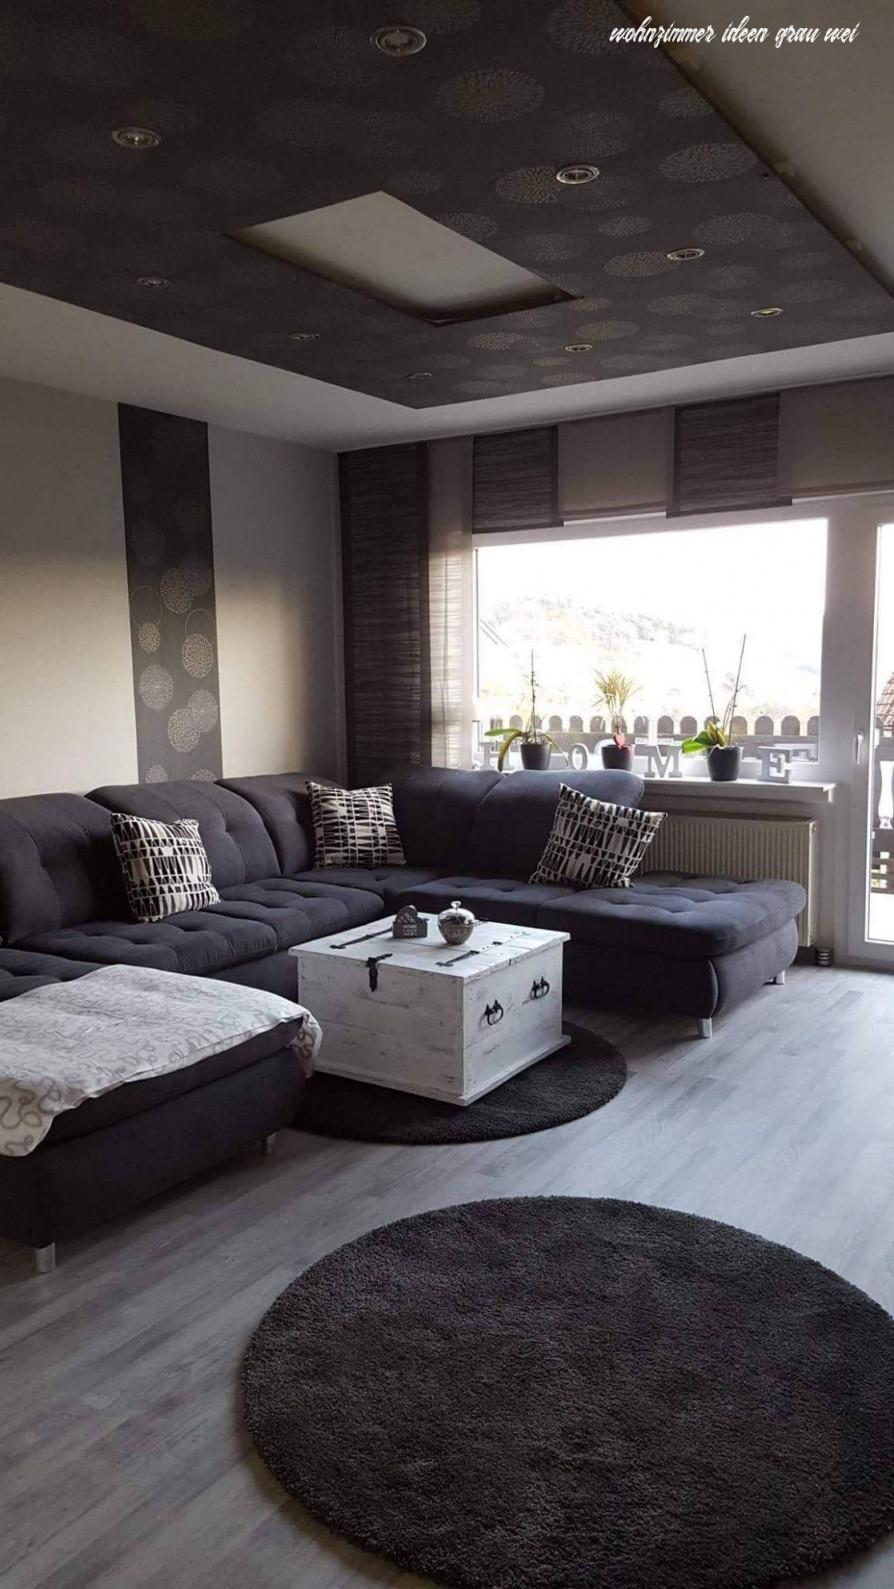 Wohnzimmer 10 Umwerfende Gründe Warum Wohnzimmer Ideen Grau von Wohnzimmer Ideen Grau Weiß Photo